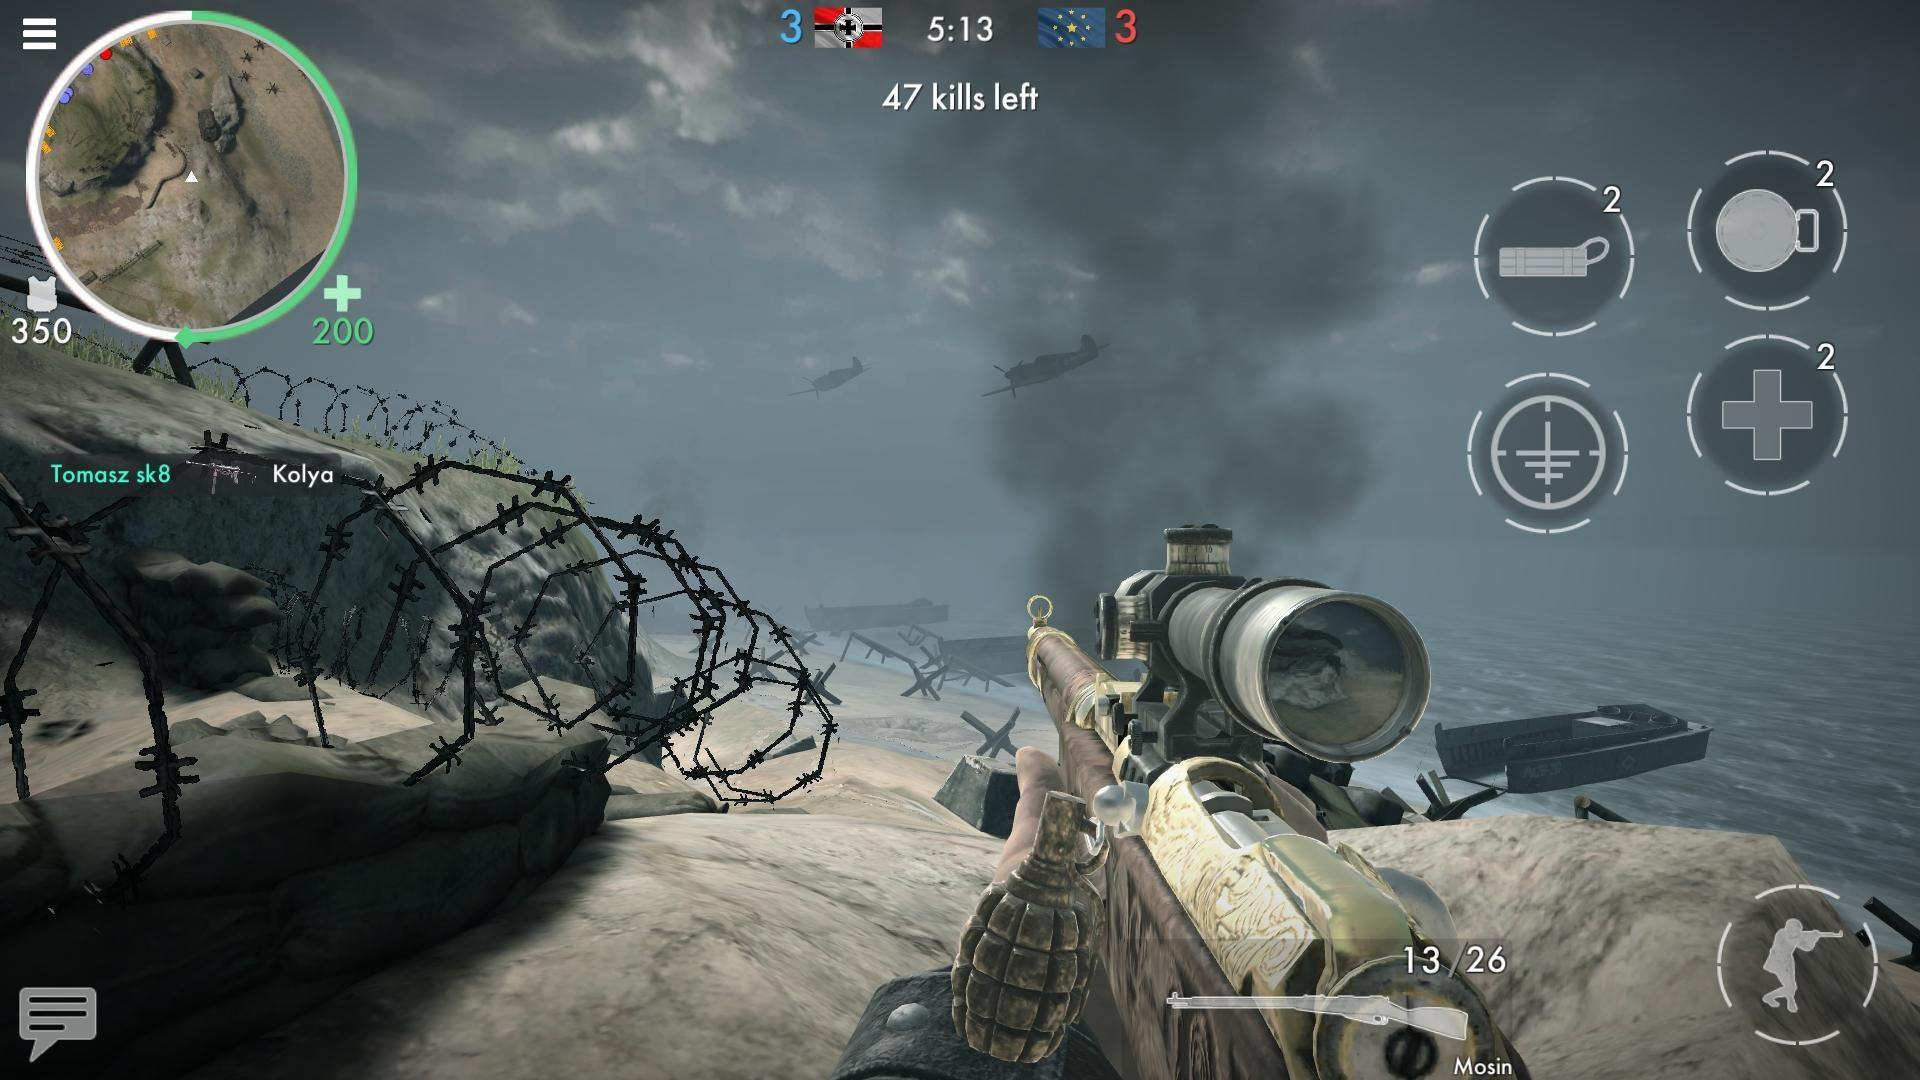 世界战争 - 英雄 游戏截图1